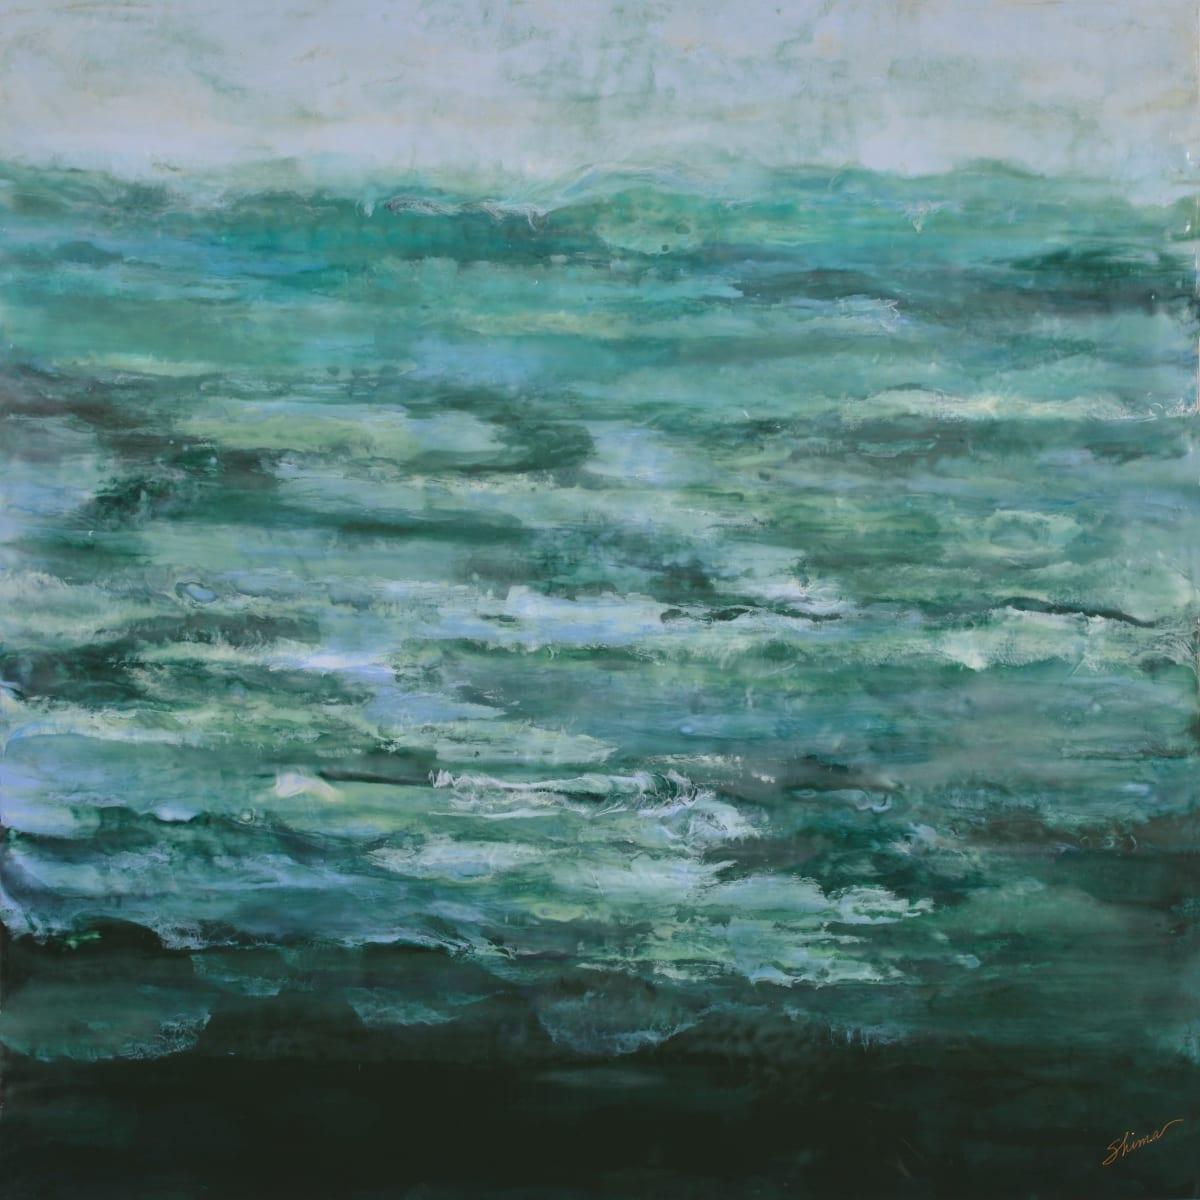 River Run by Shima Shanti